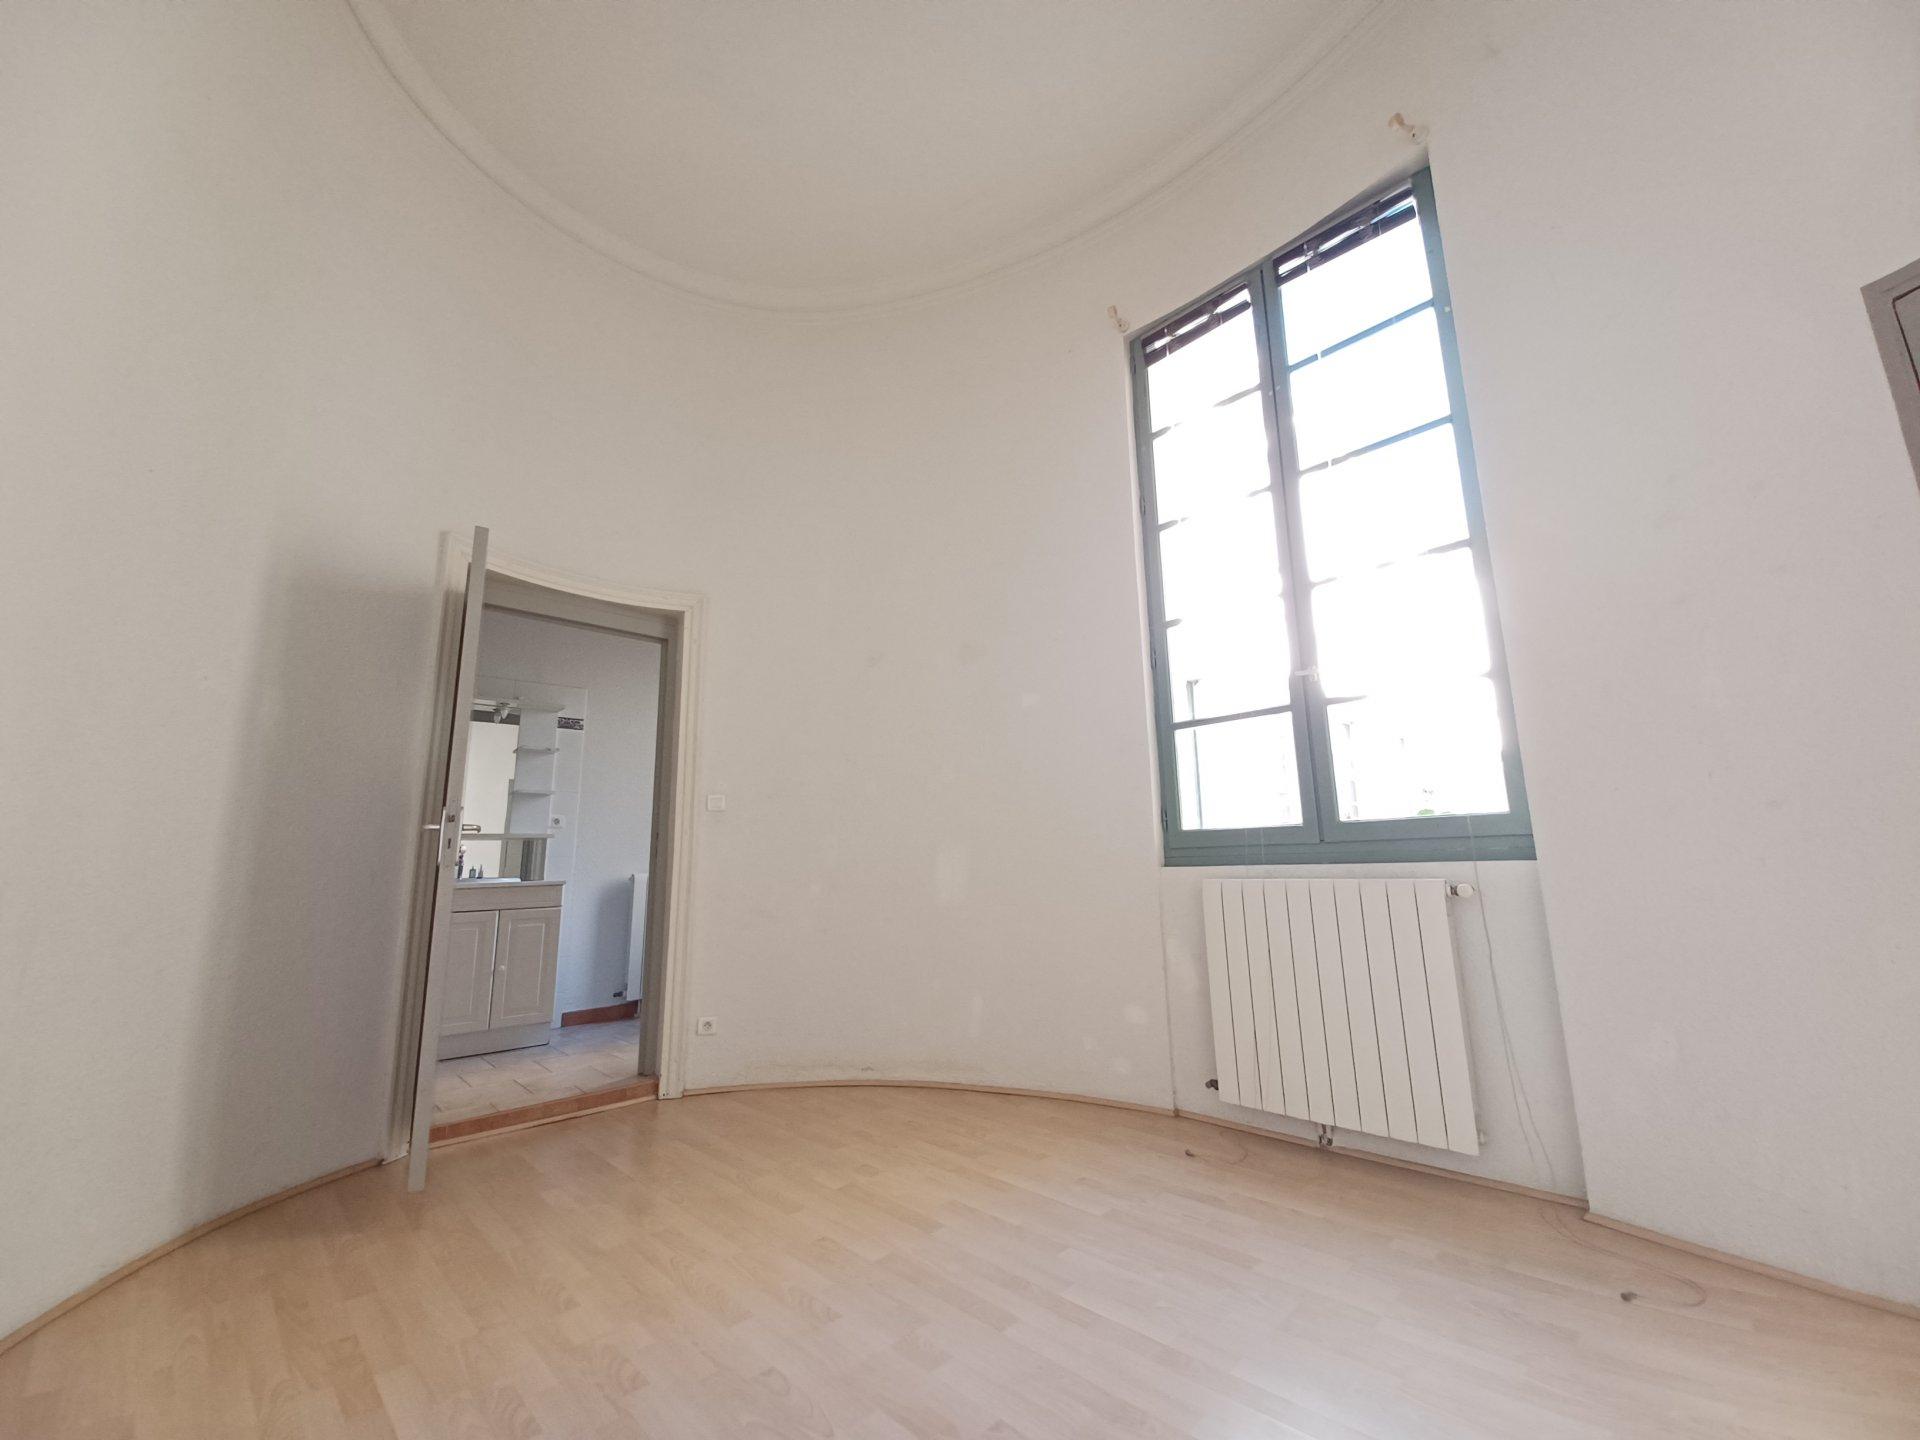 Location Appartement BEAUCAIRE séjour de 28.05 m²